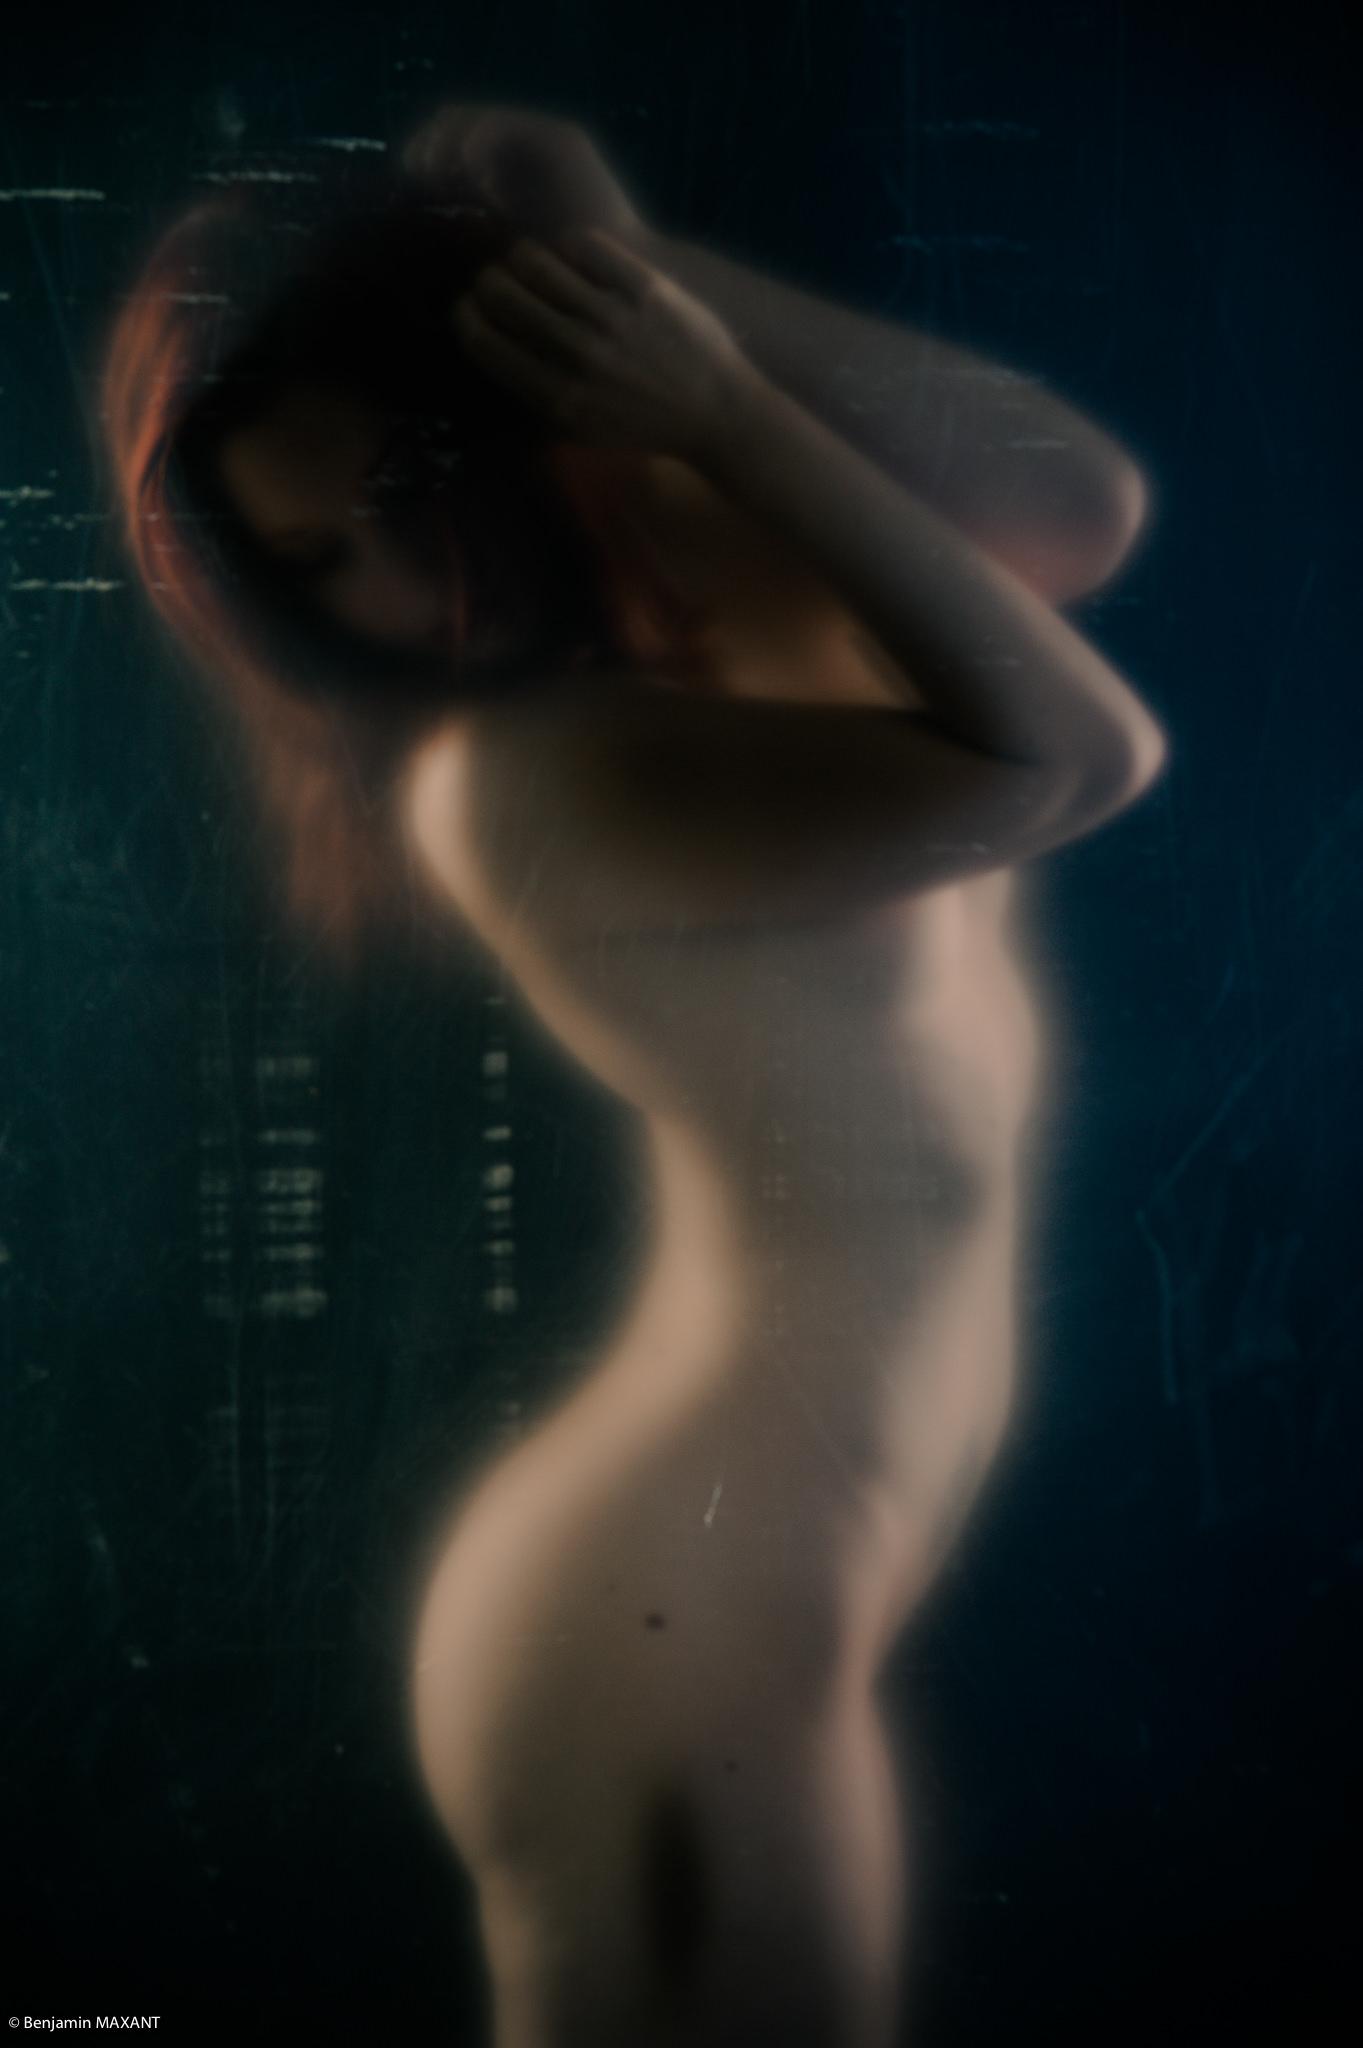 Séance photo nu artistique avec une modèle placée derrrière une plaque en plastique transparente